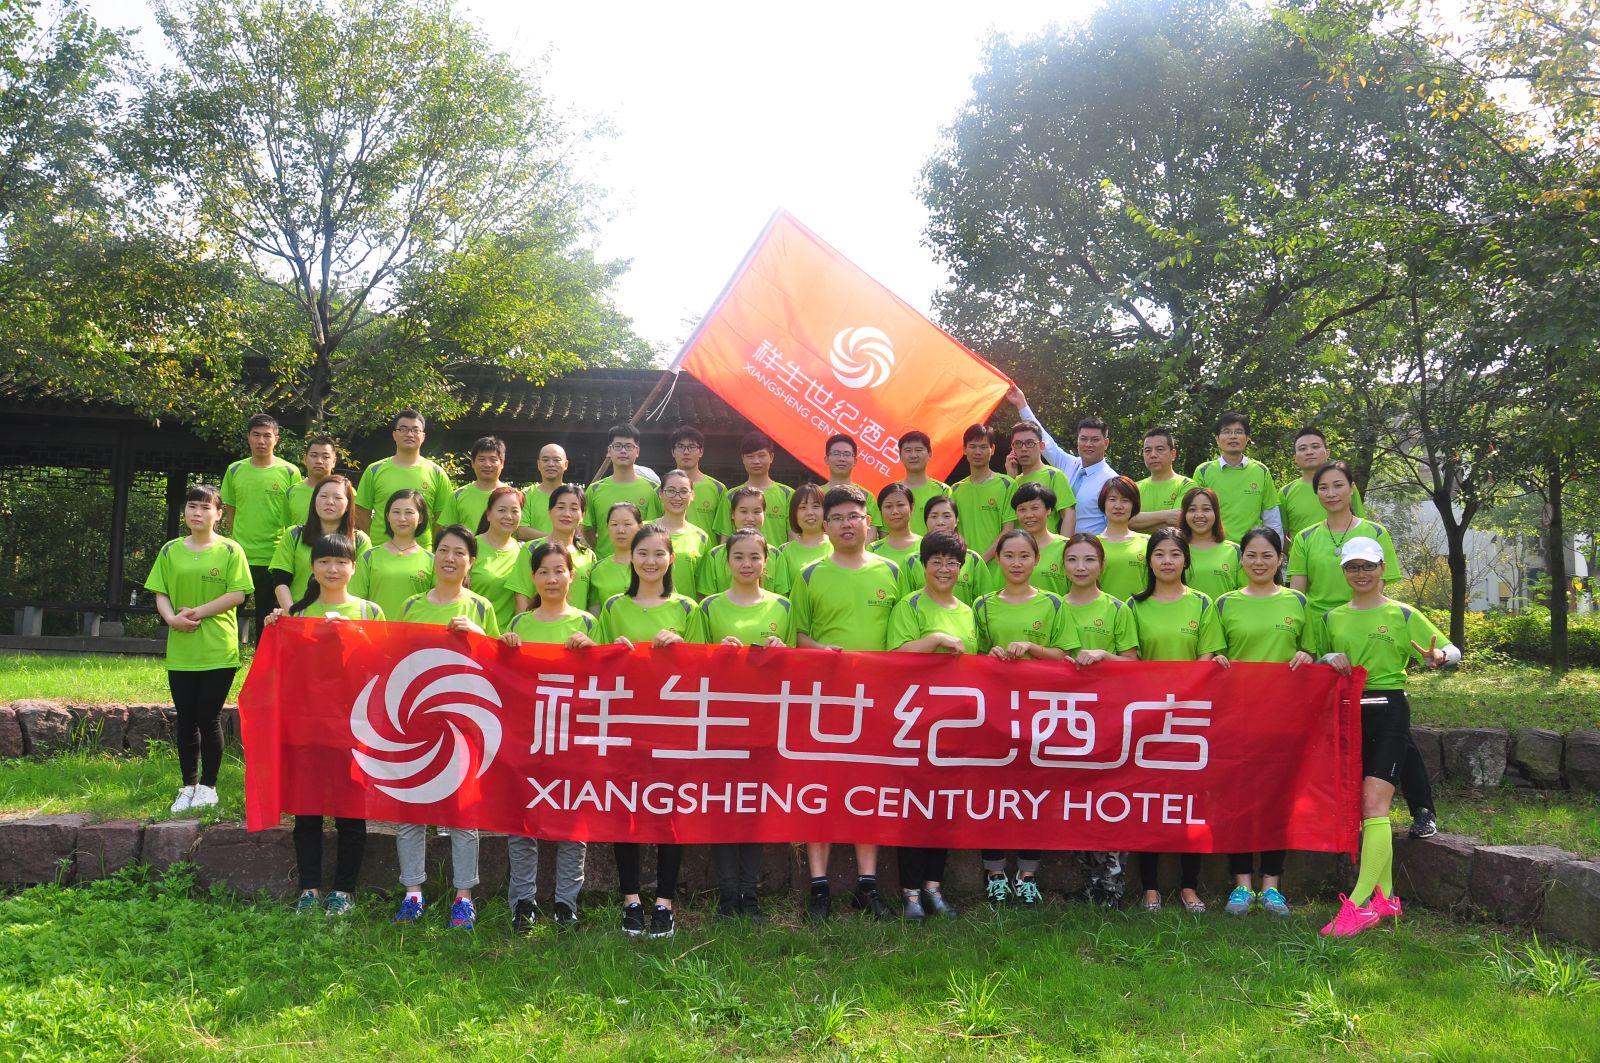 祥生世纪酒店开展绿色骑行环保活动